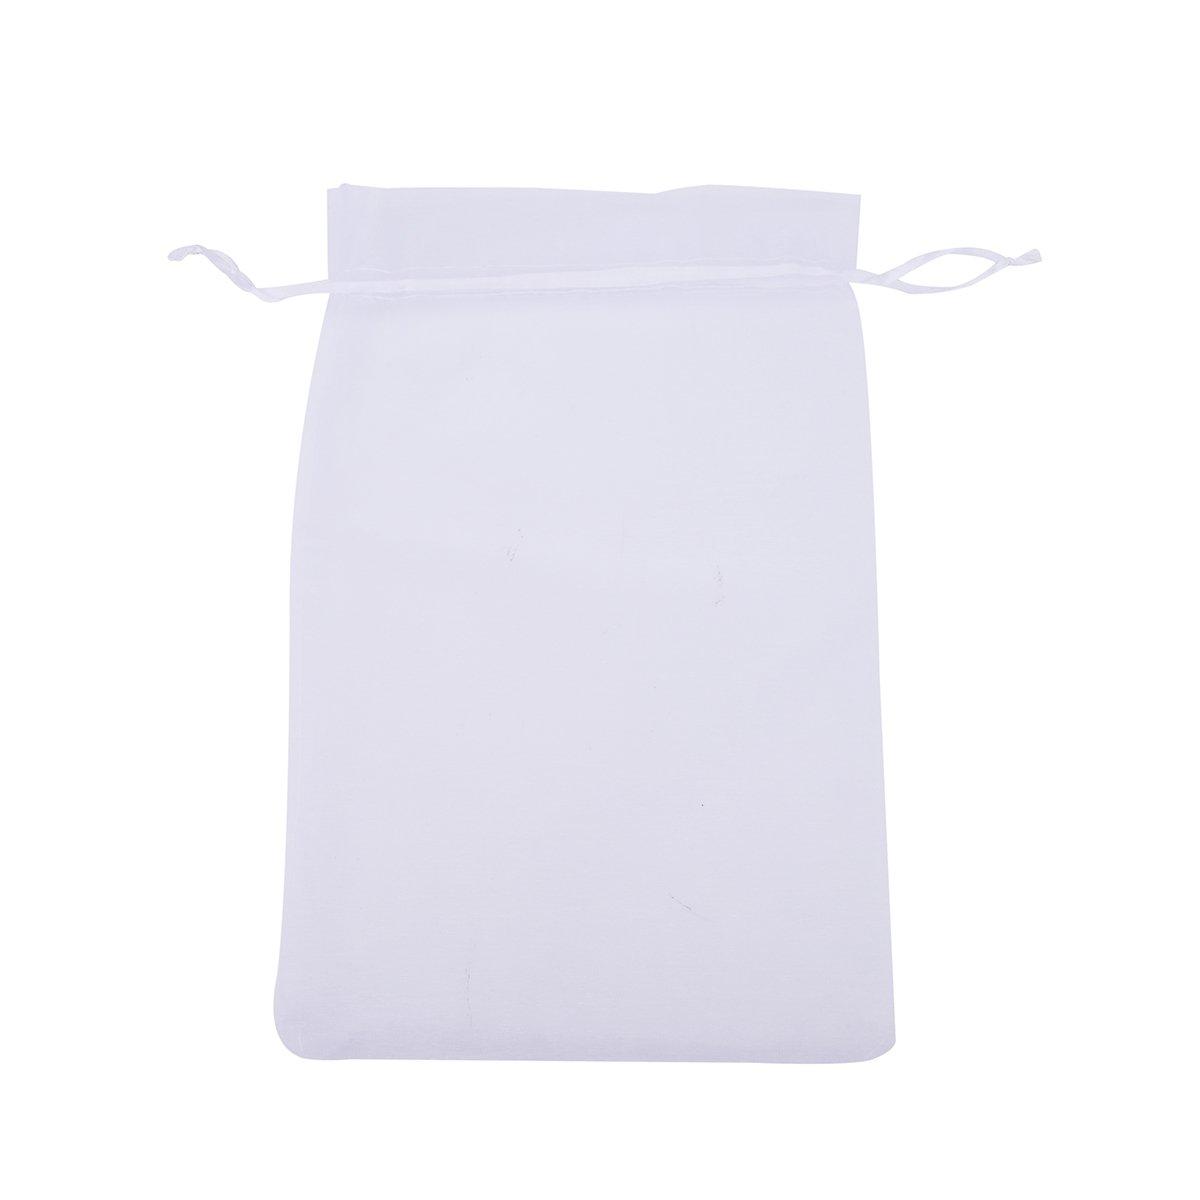 Bolsas de organza con cordón para regalo de boda y joyería, 50 unidades, tamaño grande, 20 x 30 cm